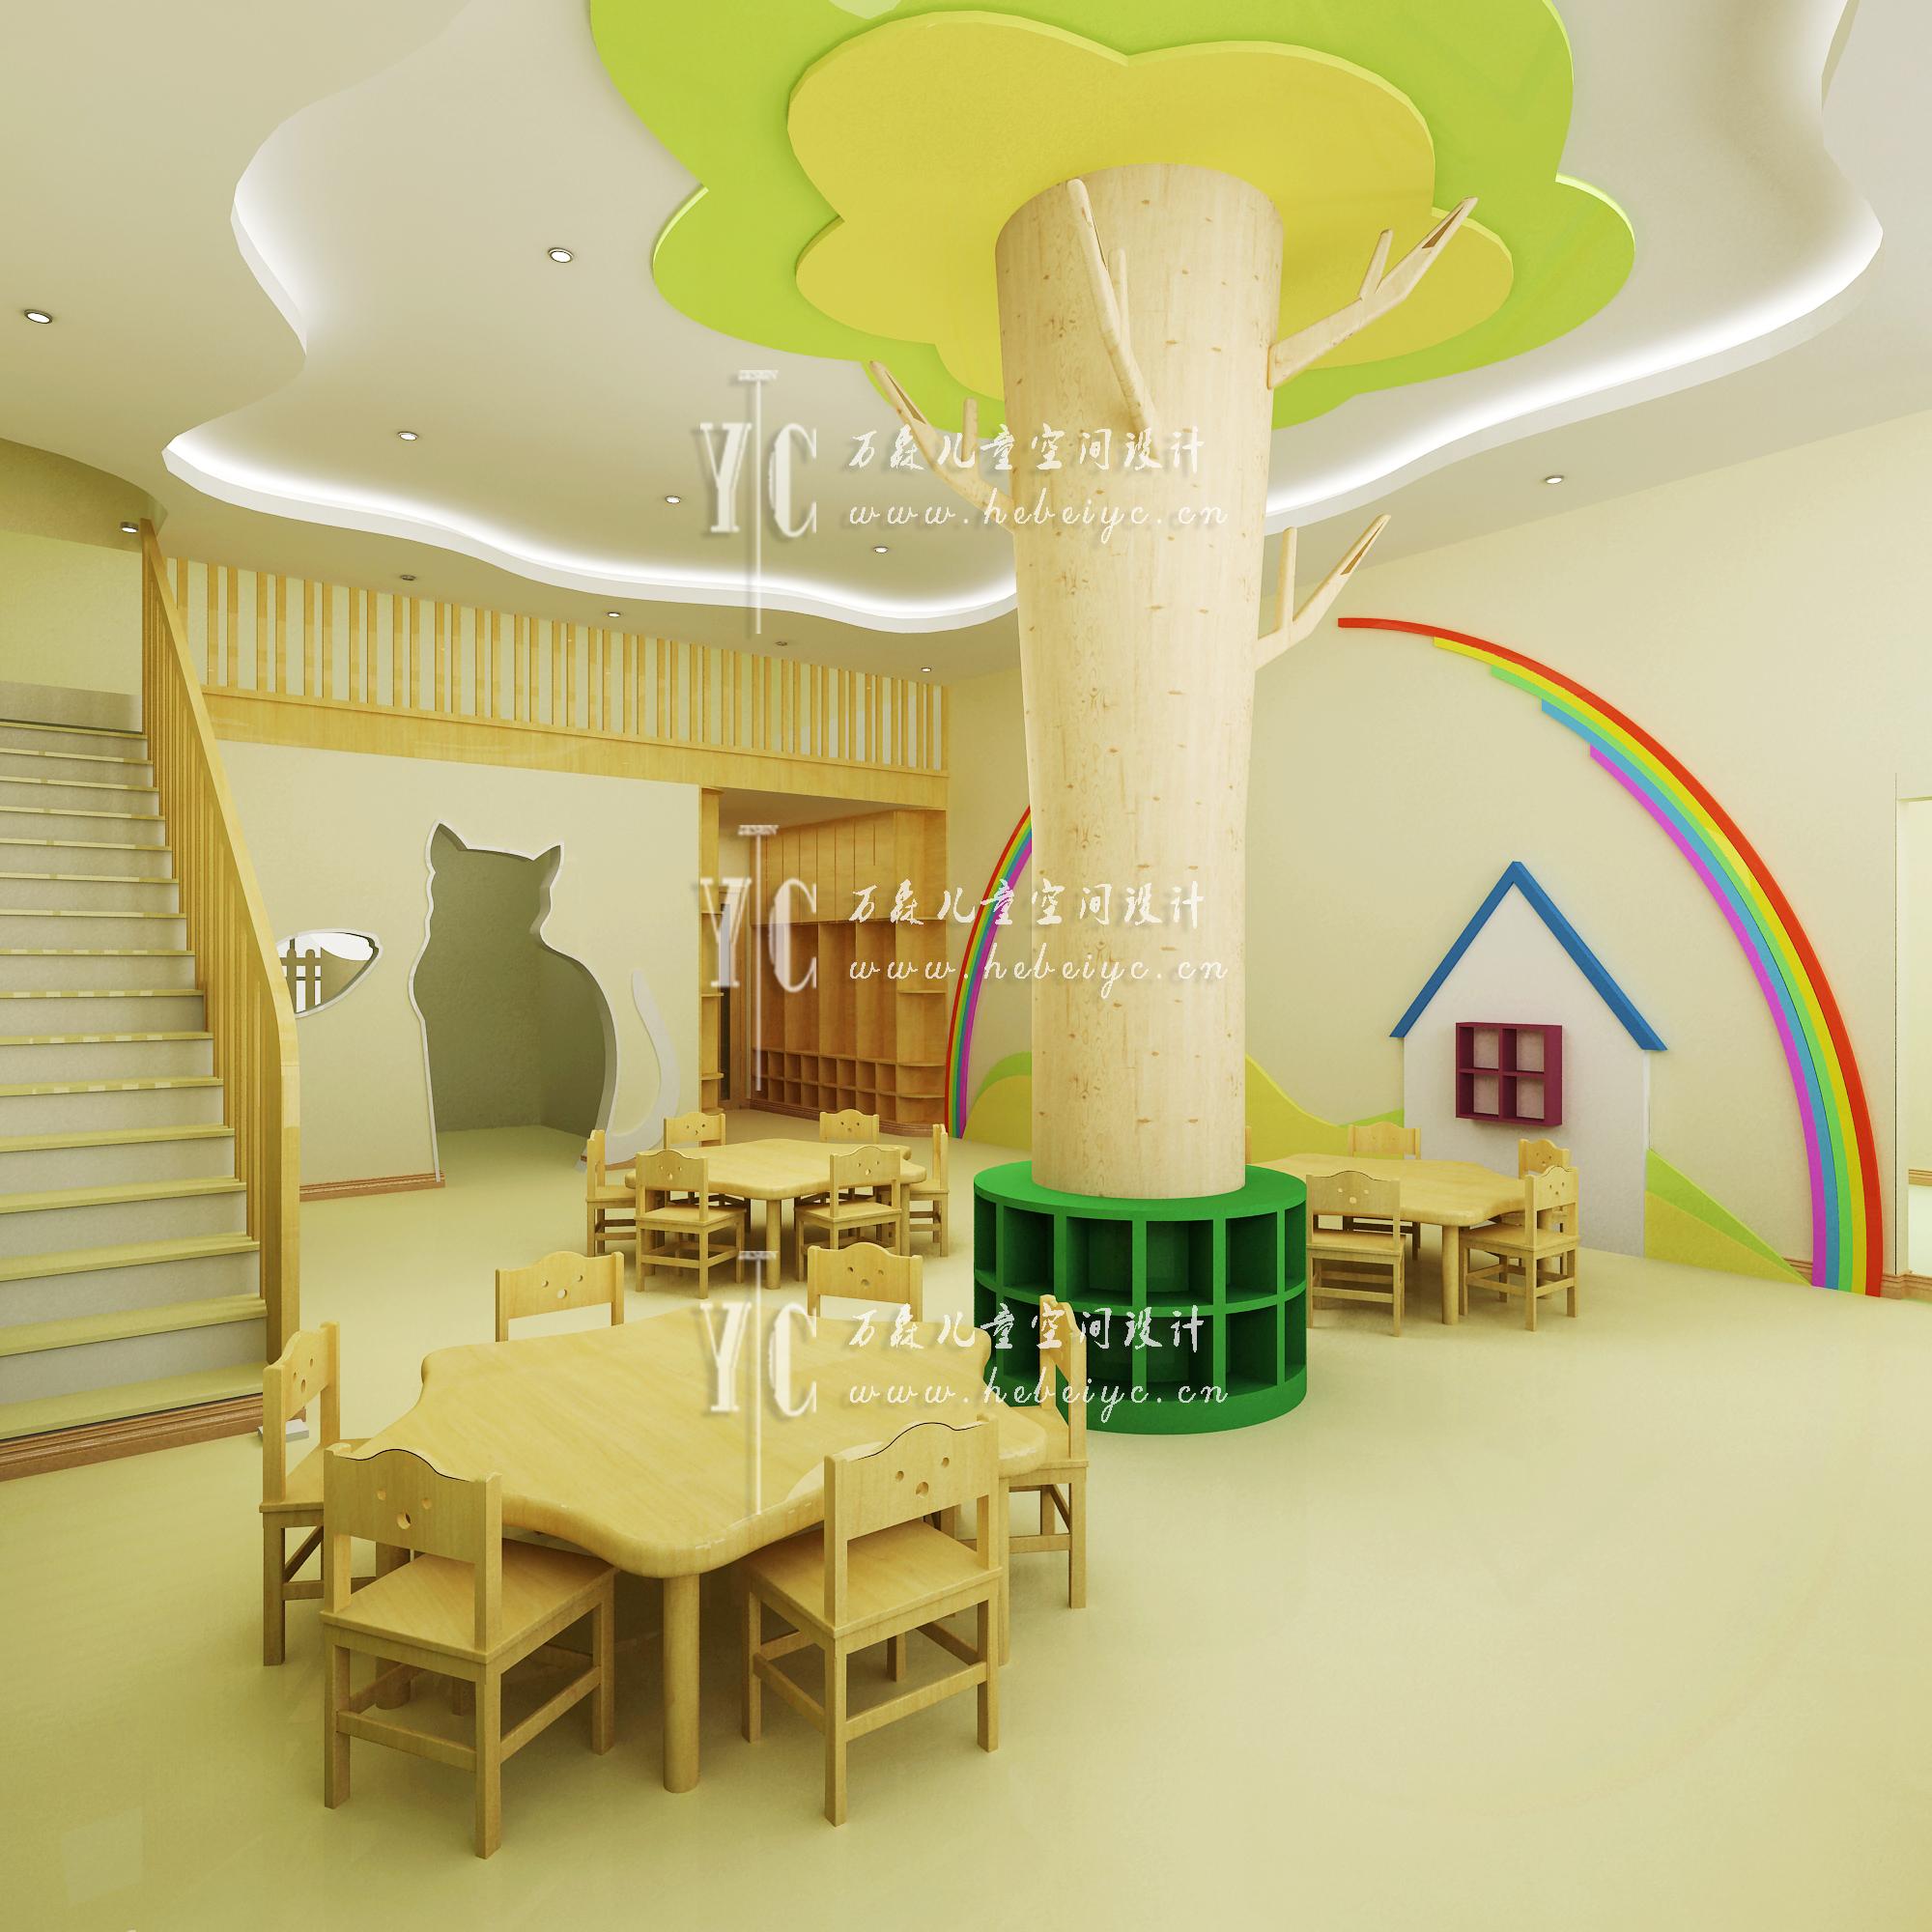 天津中国科学院幼儿园 - 天津河北万森装饰设计有限